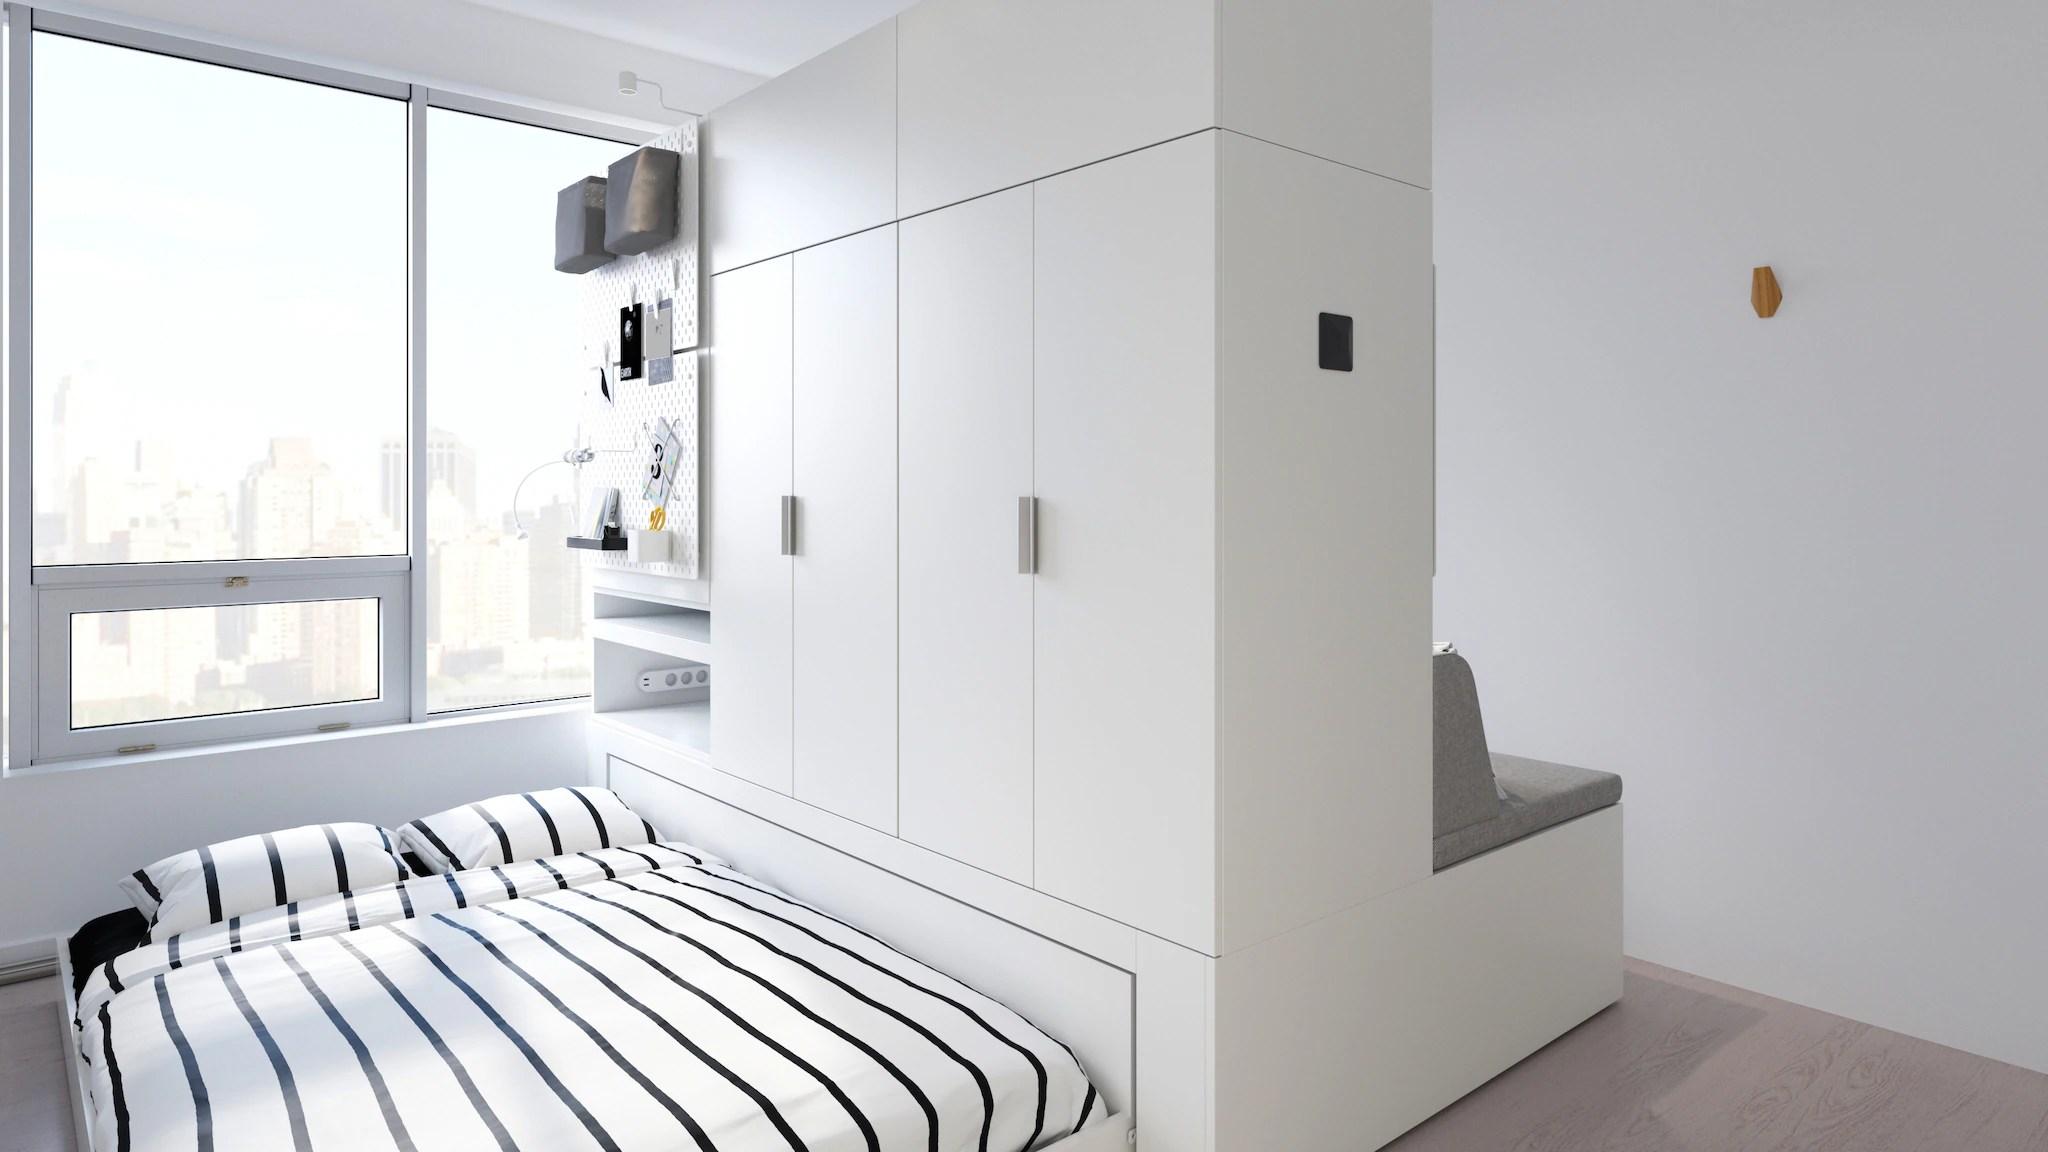 Dalle camere la letto in stile tradizionale e quelle dal design più moderno o minimal, ikea propone tantissime soluzioni diverse,. Ikea Lancera Una Linea Di Armadi Motorizzati Nel 2020 Domus